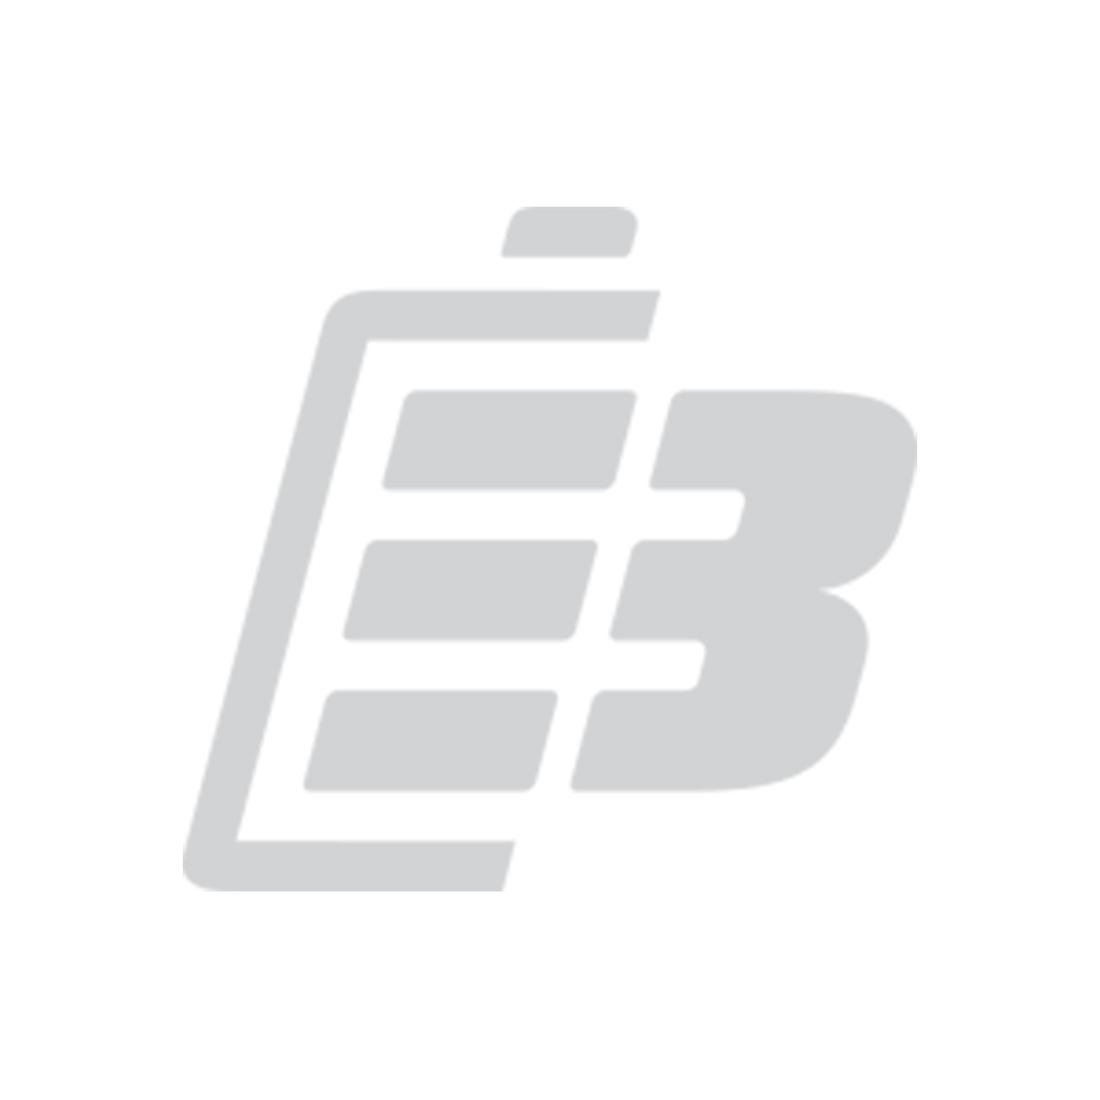 Μπαταρία κινητού τηλεφώνου LG F2300_1